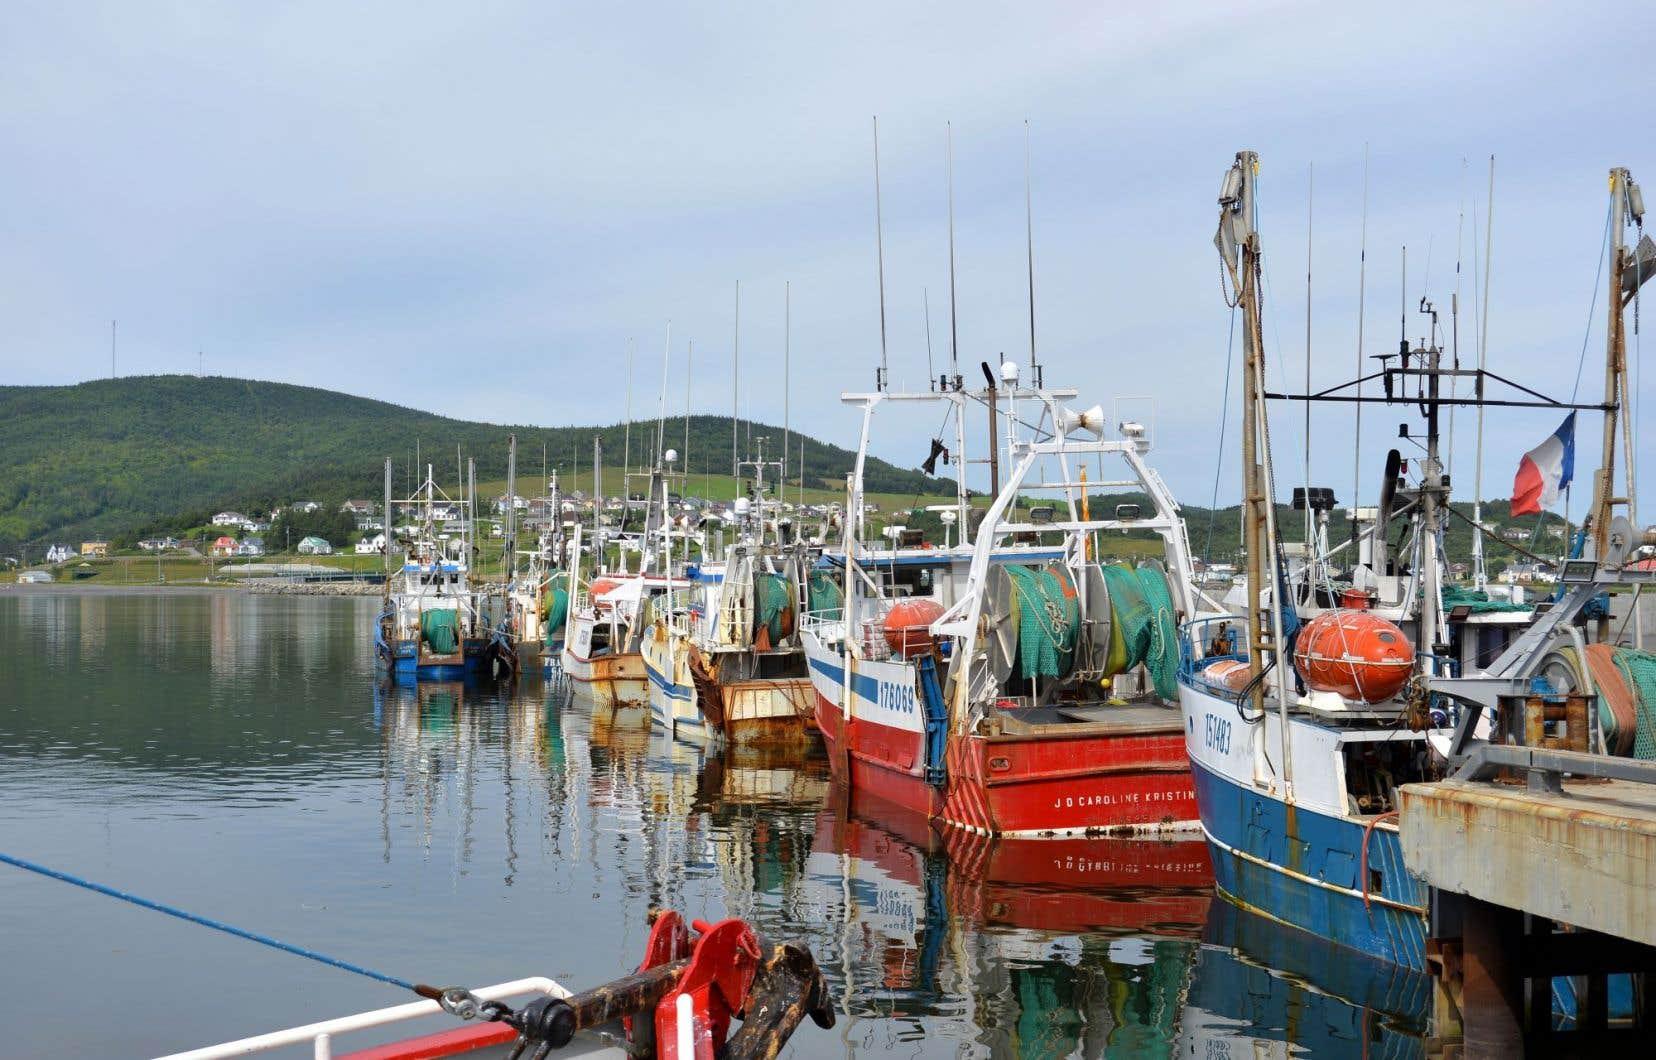 Le port de pêche de Rivière-au-Renard, en Gaspésie